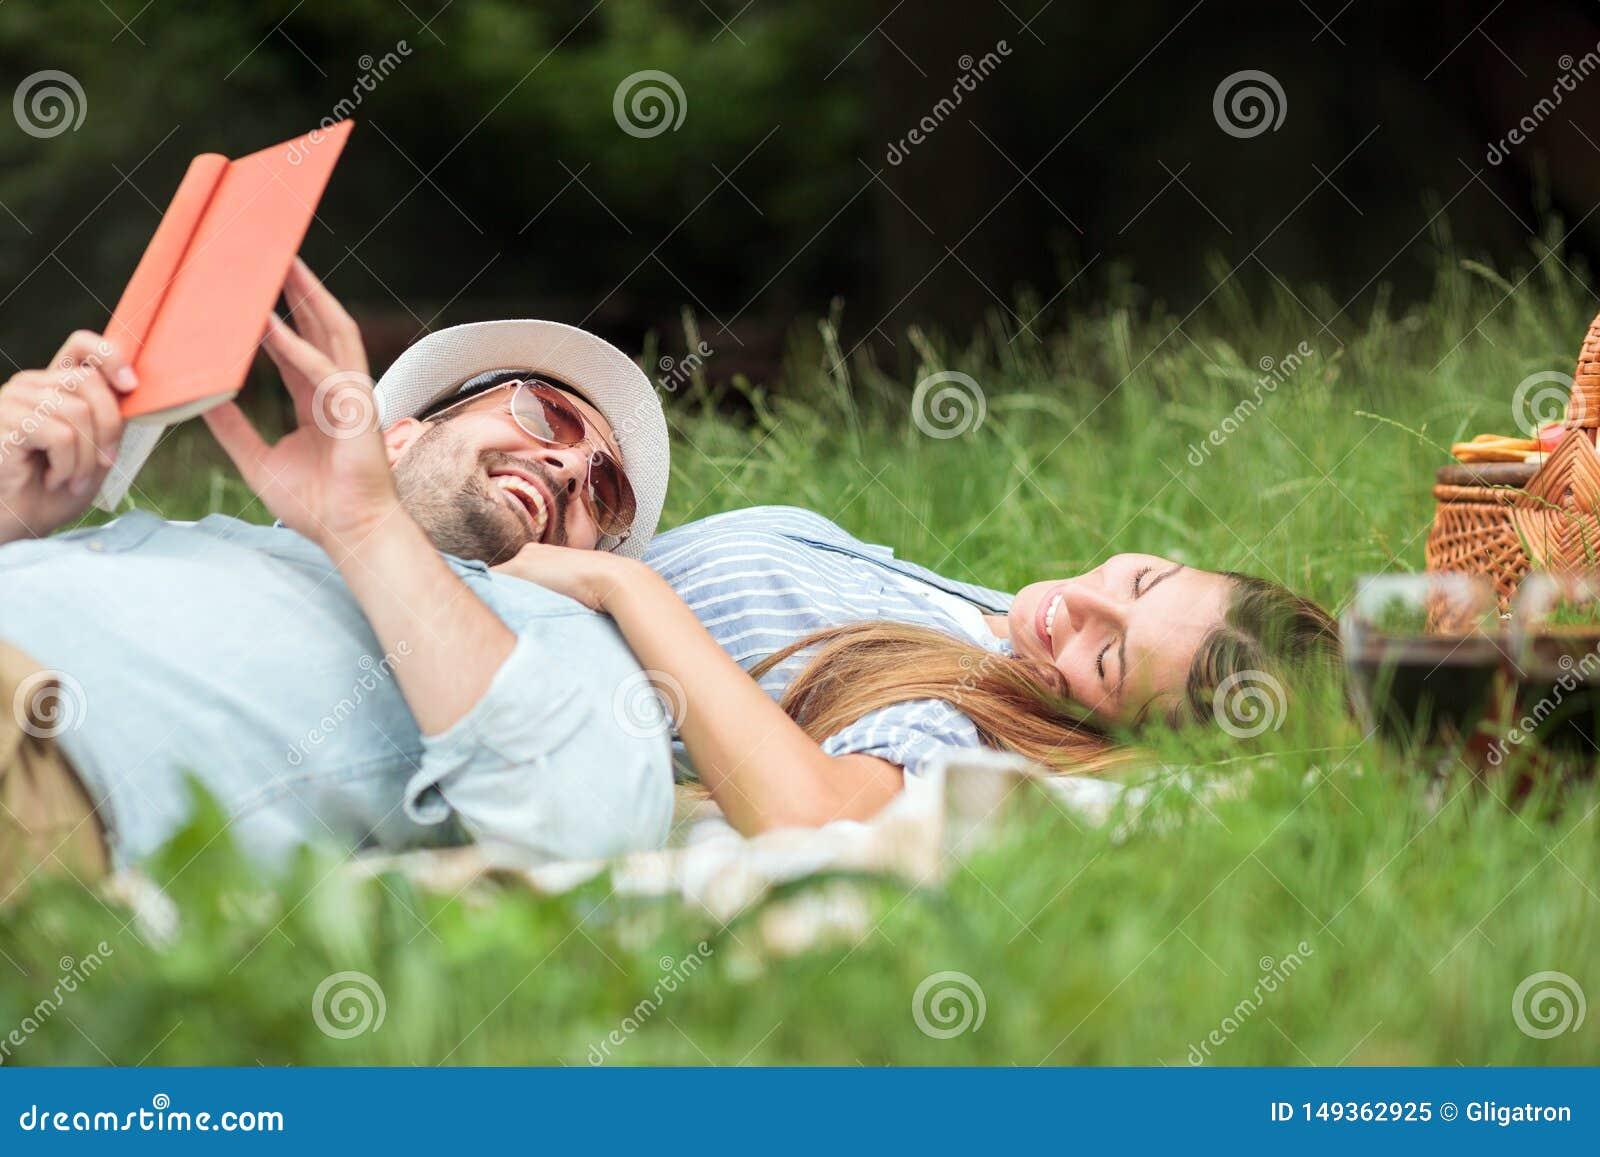 Szcz??liwi u?miechni?ci potomstwa dobieraj? si? relaksowa? w parku K?ama? na pyknicznej koc